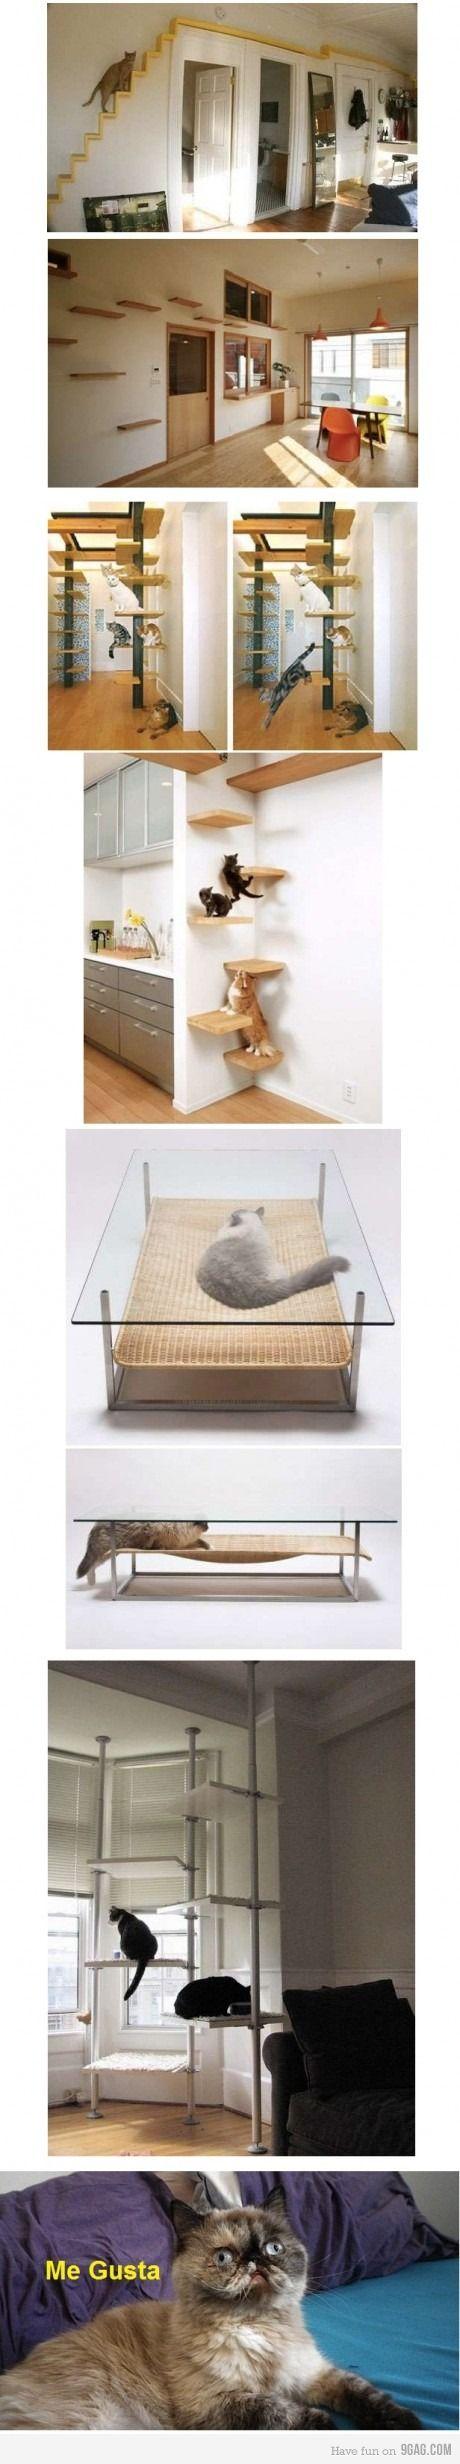 Cat home